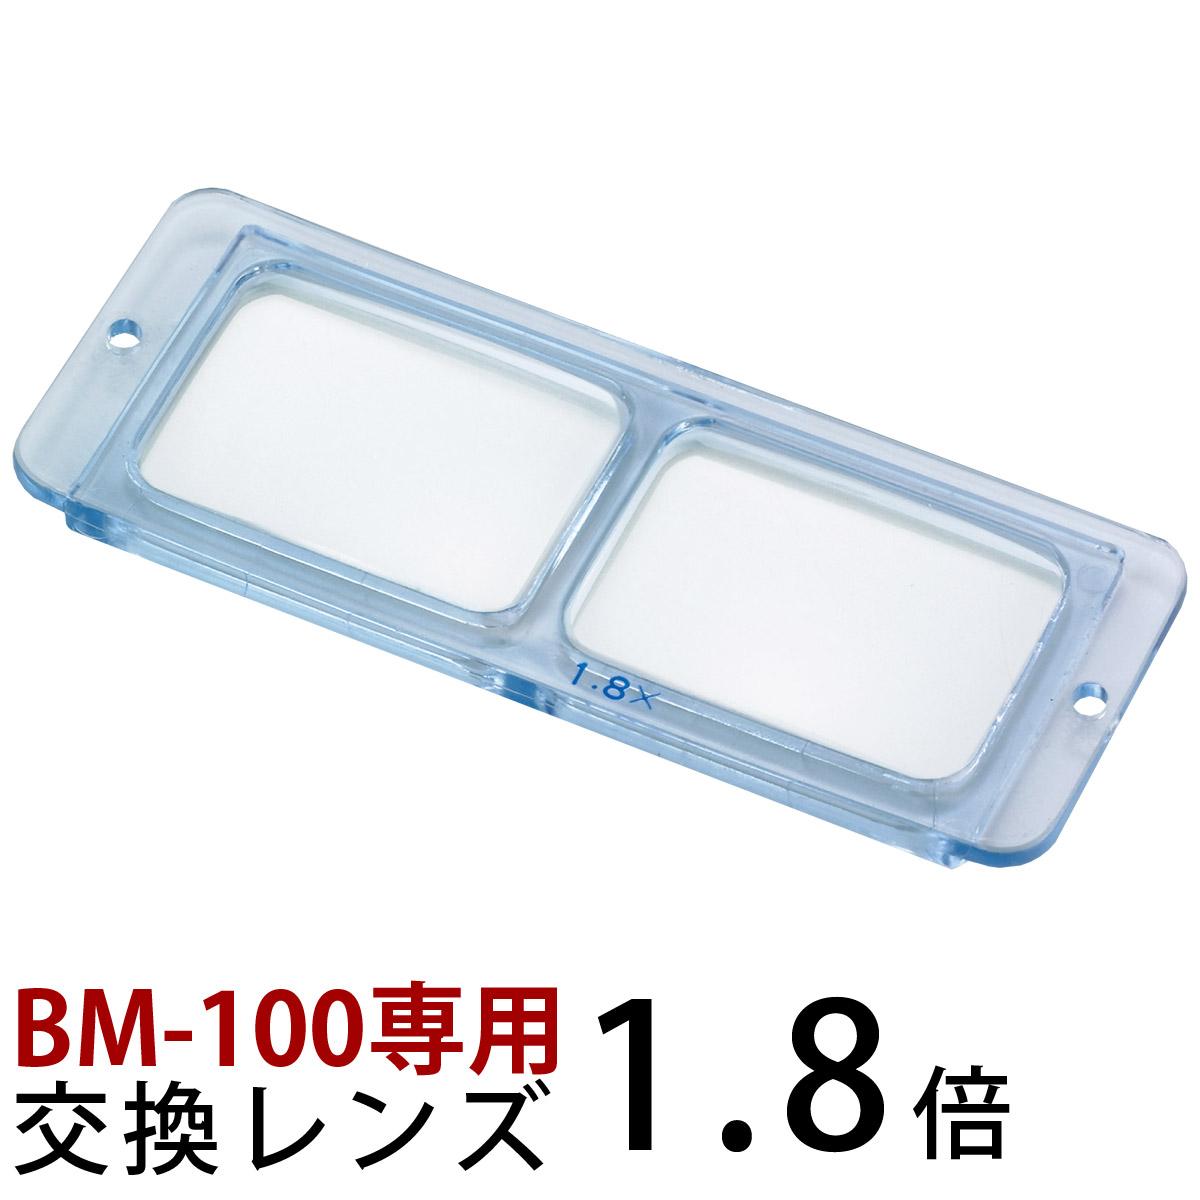 ヘッドルーペ 双眼 交換レンズ BM-100A1 1.8倍 BM-100専用 池田レンズ